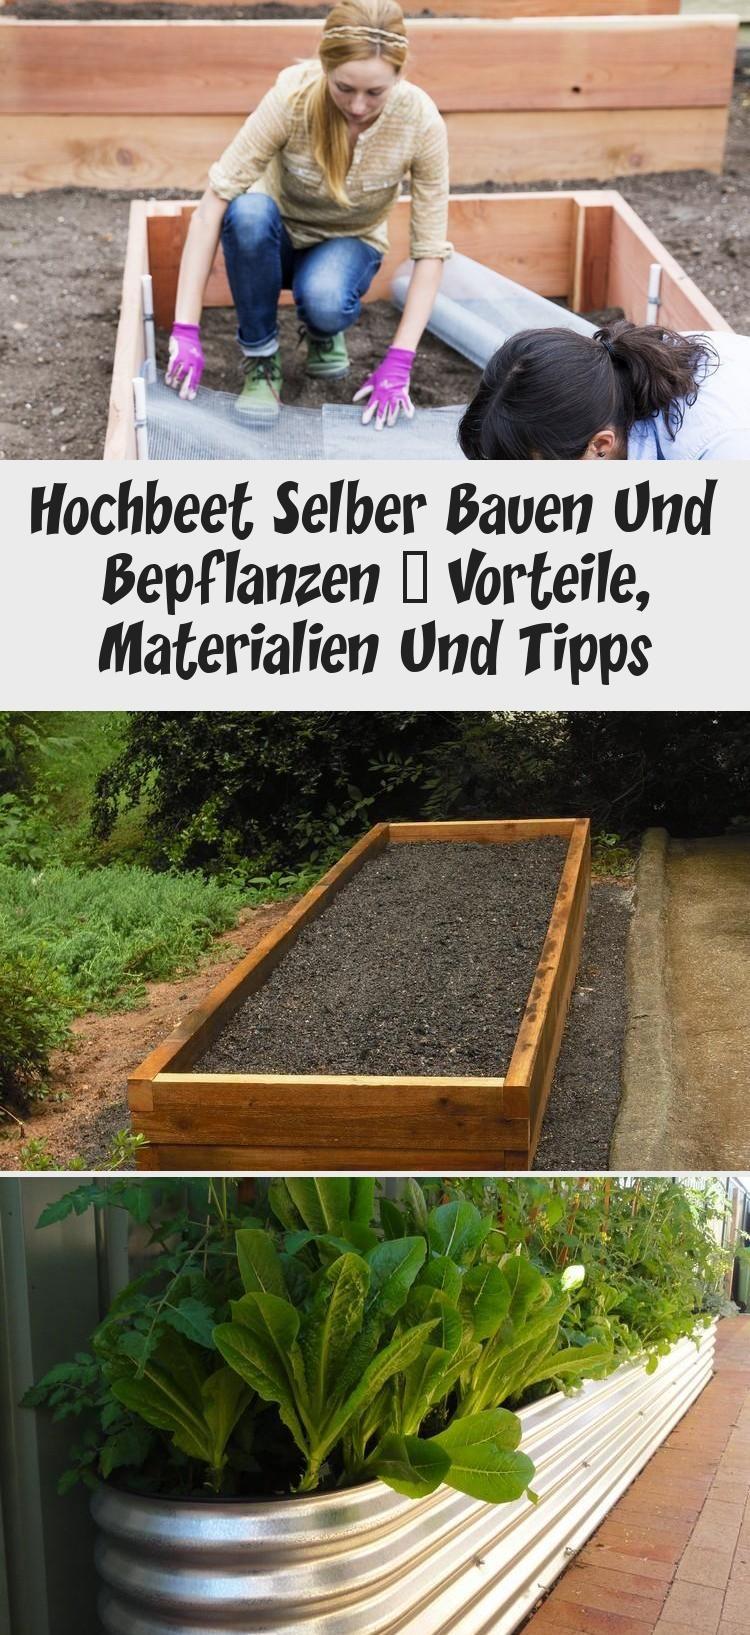 Garten Hochbeet Selber Bauen Und Bepflanzen Vorteile Materialien Und Tipps Hochbeet Selber Bauen Und Bepflanzen Vorteile Materialien Und Tipps In 2020